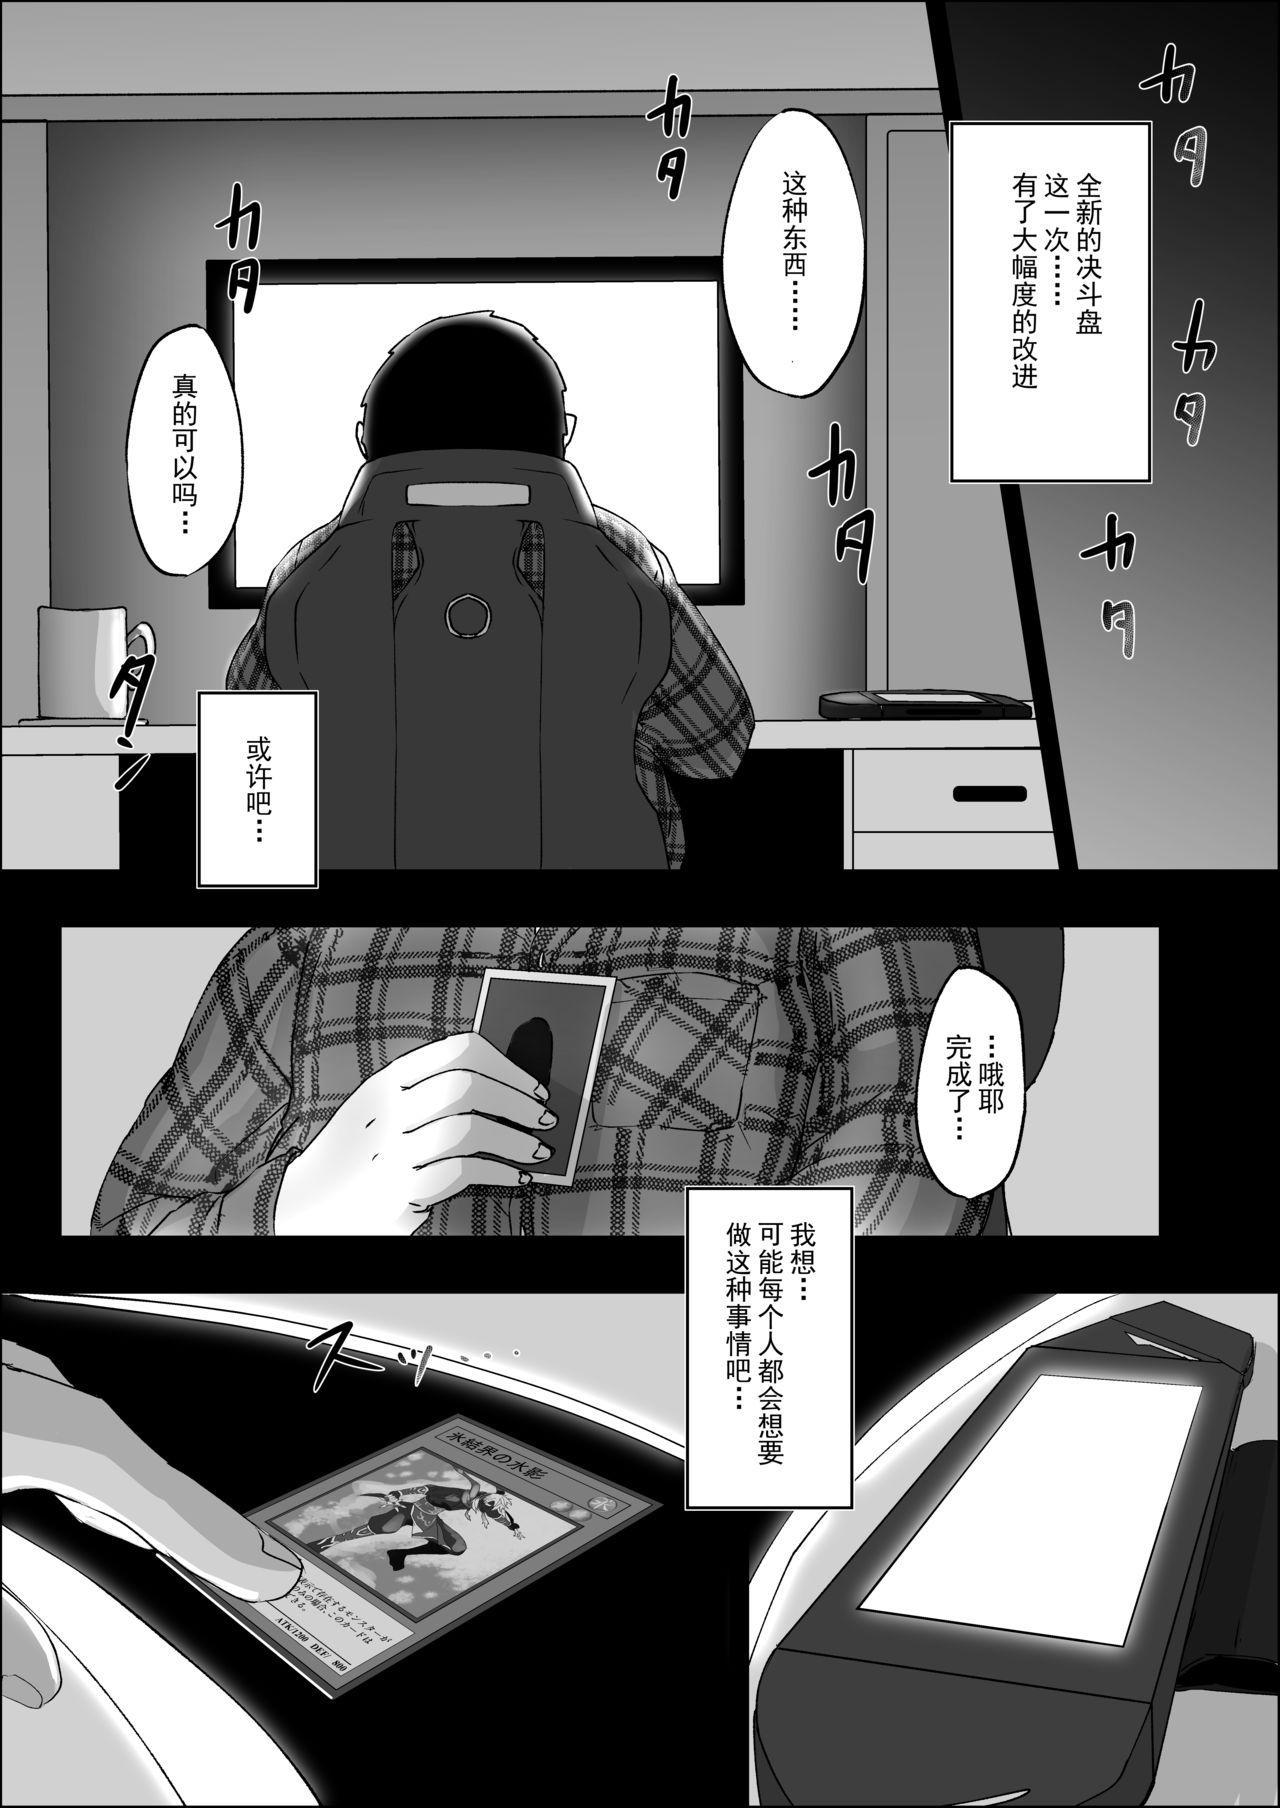 Shitsuryou o Motta Solid Vision, Saikou kayo 2